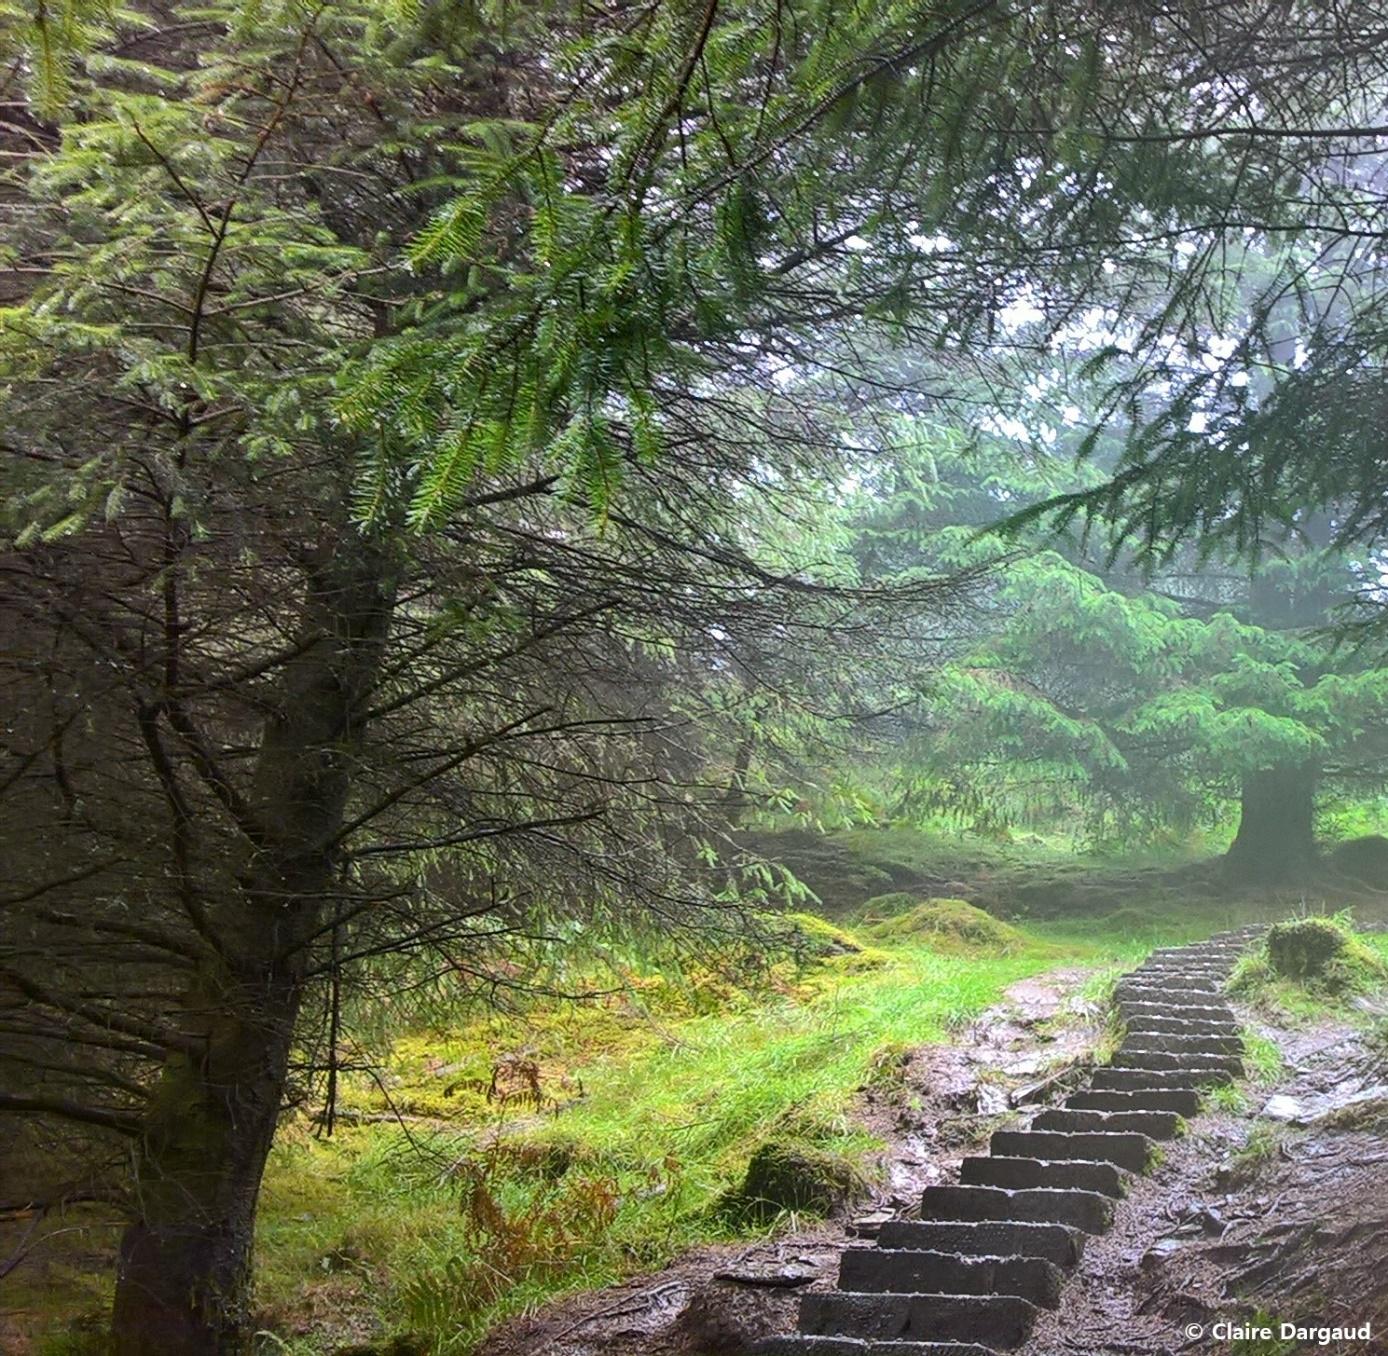 Crédit photo : Claire Dargaud, Entrée dans la forêt féérique sur le chemin bleu